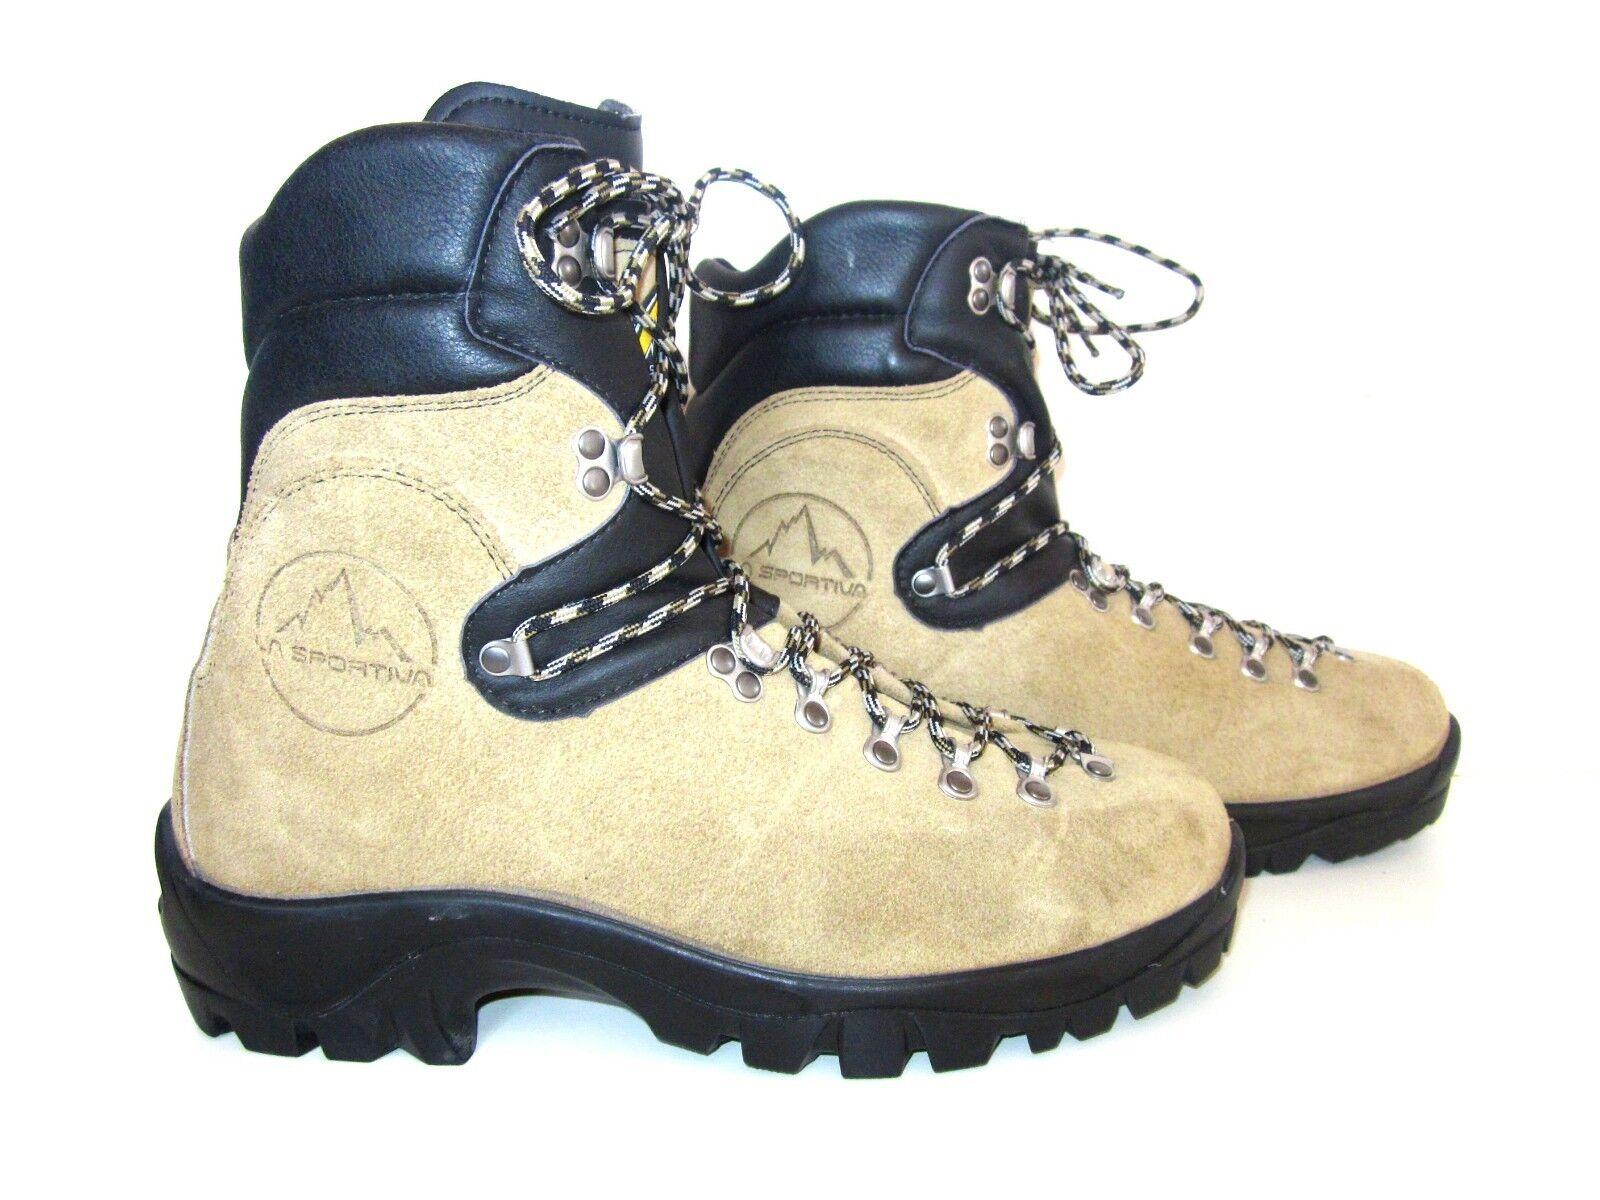 La SPORTIVA Ghiacciaio Escursionismo Alpinismo uomo stivali UK11.5 EU46.5 RRP